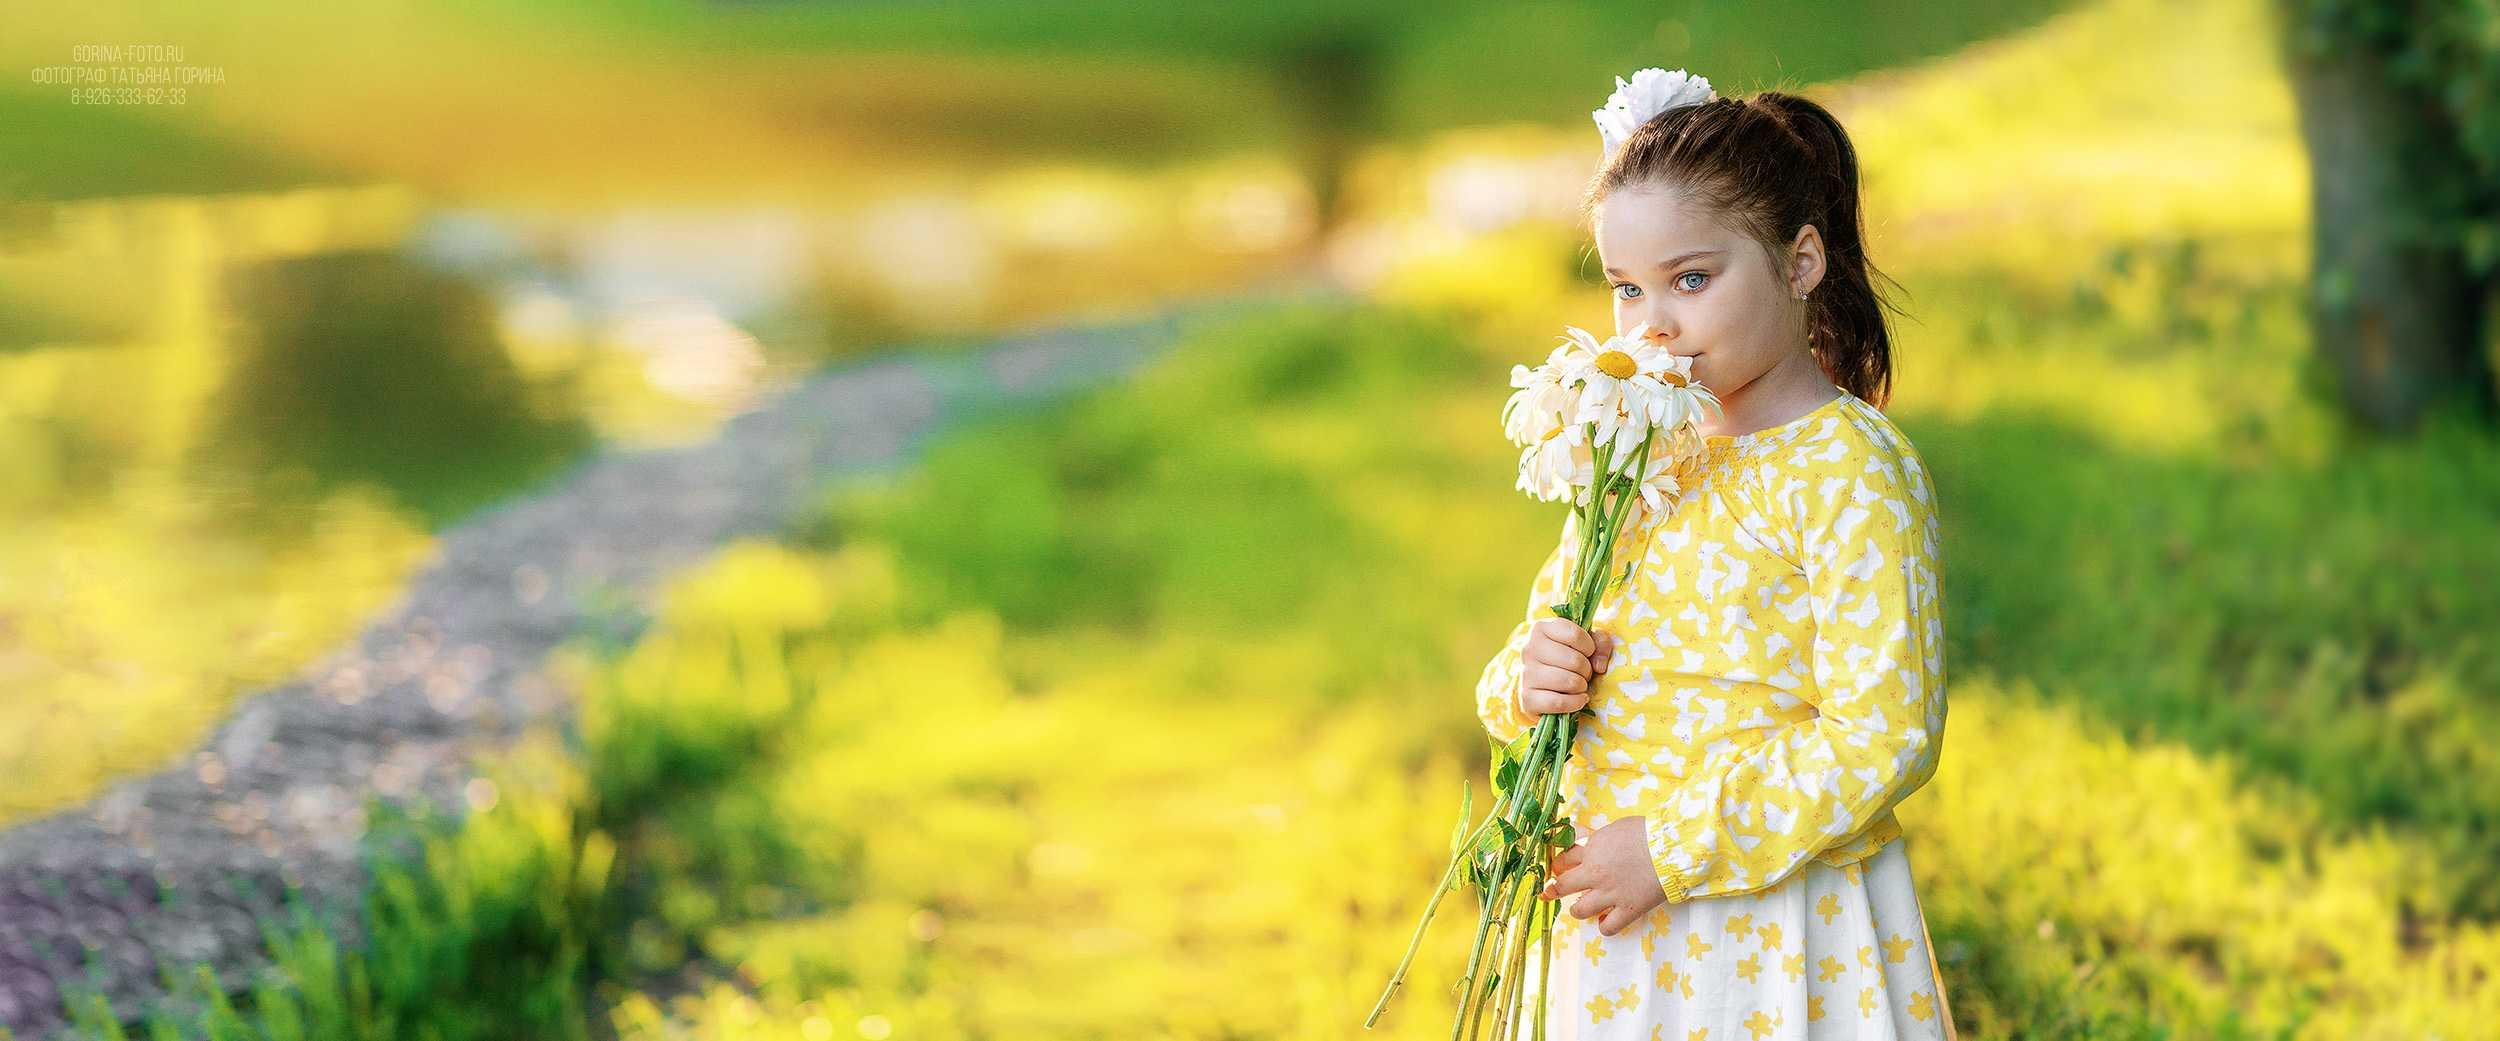 Фотосессии в парке. Детский и семейный фотограф Татьяна Горина.